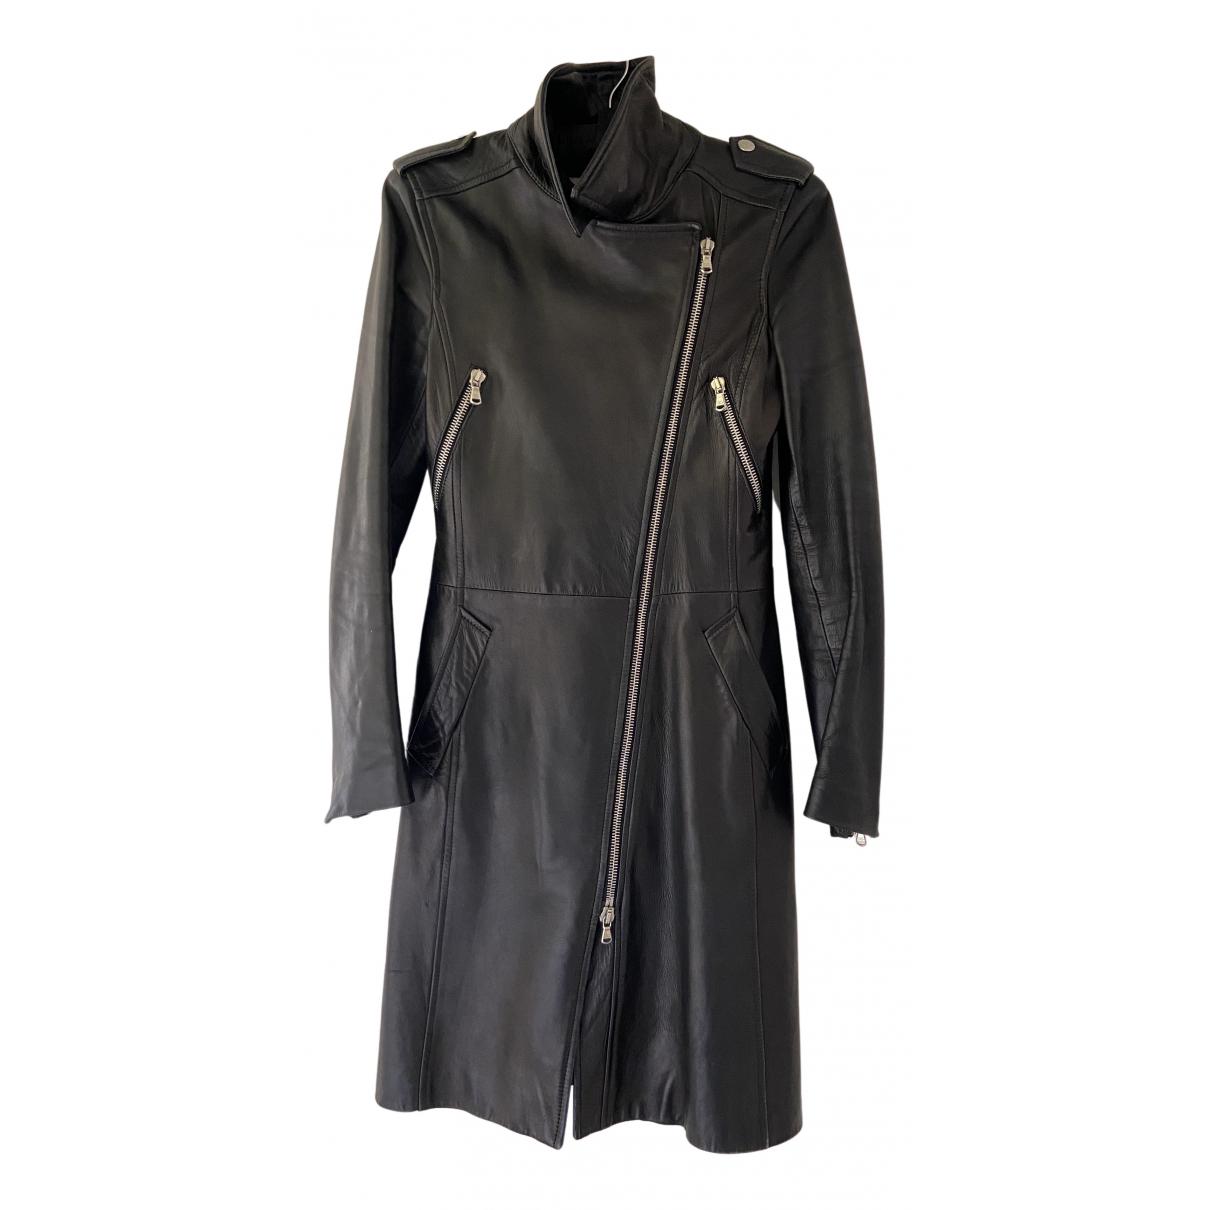 Dolce & Gabbana - Manteau   pour femme en cuir - noir